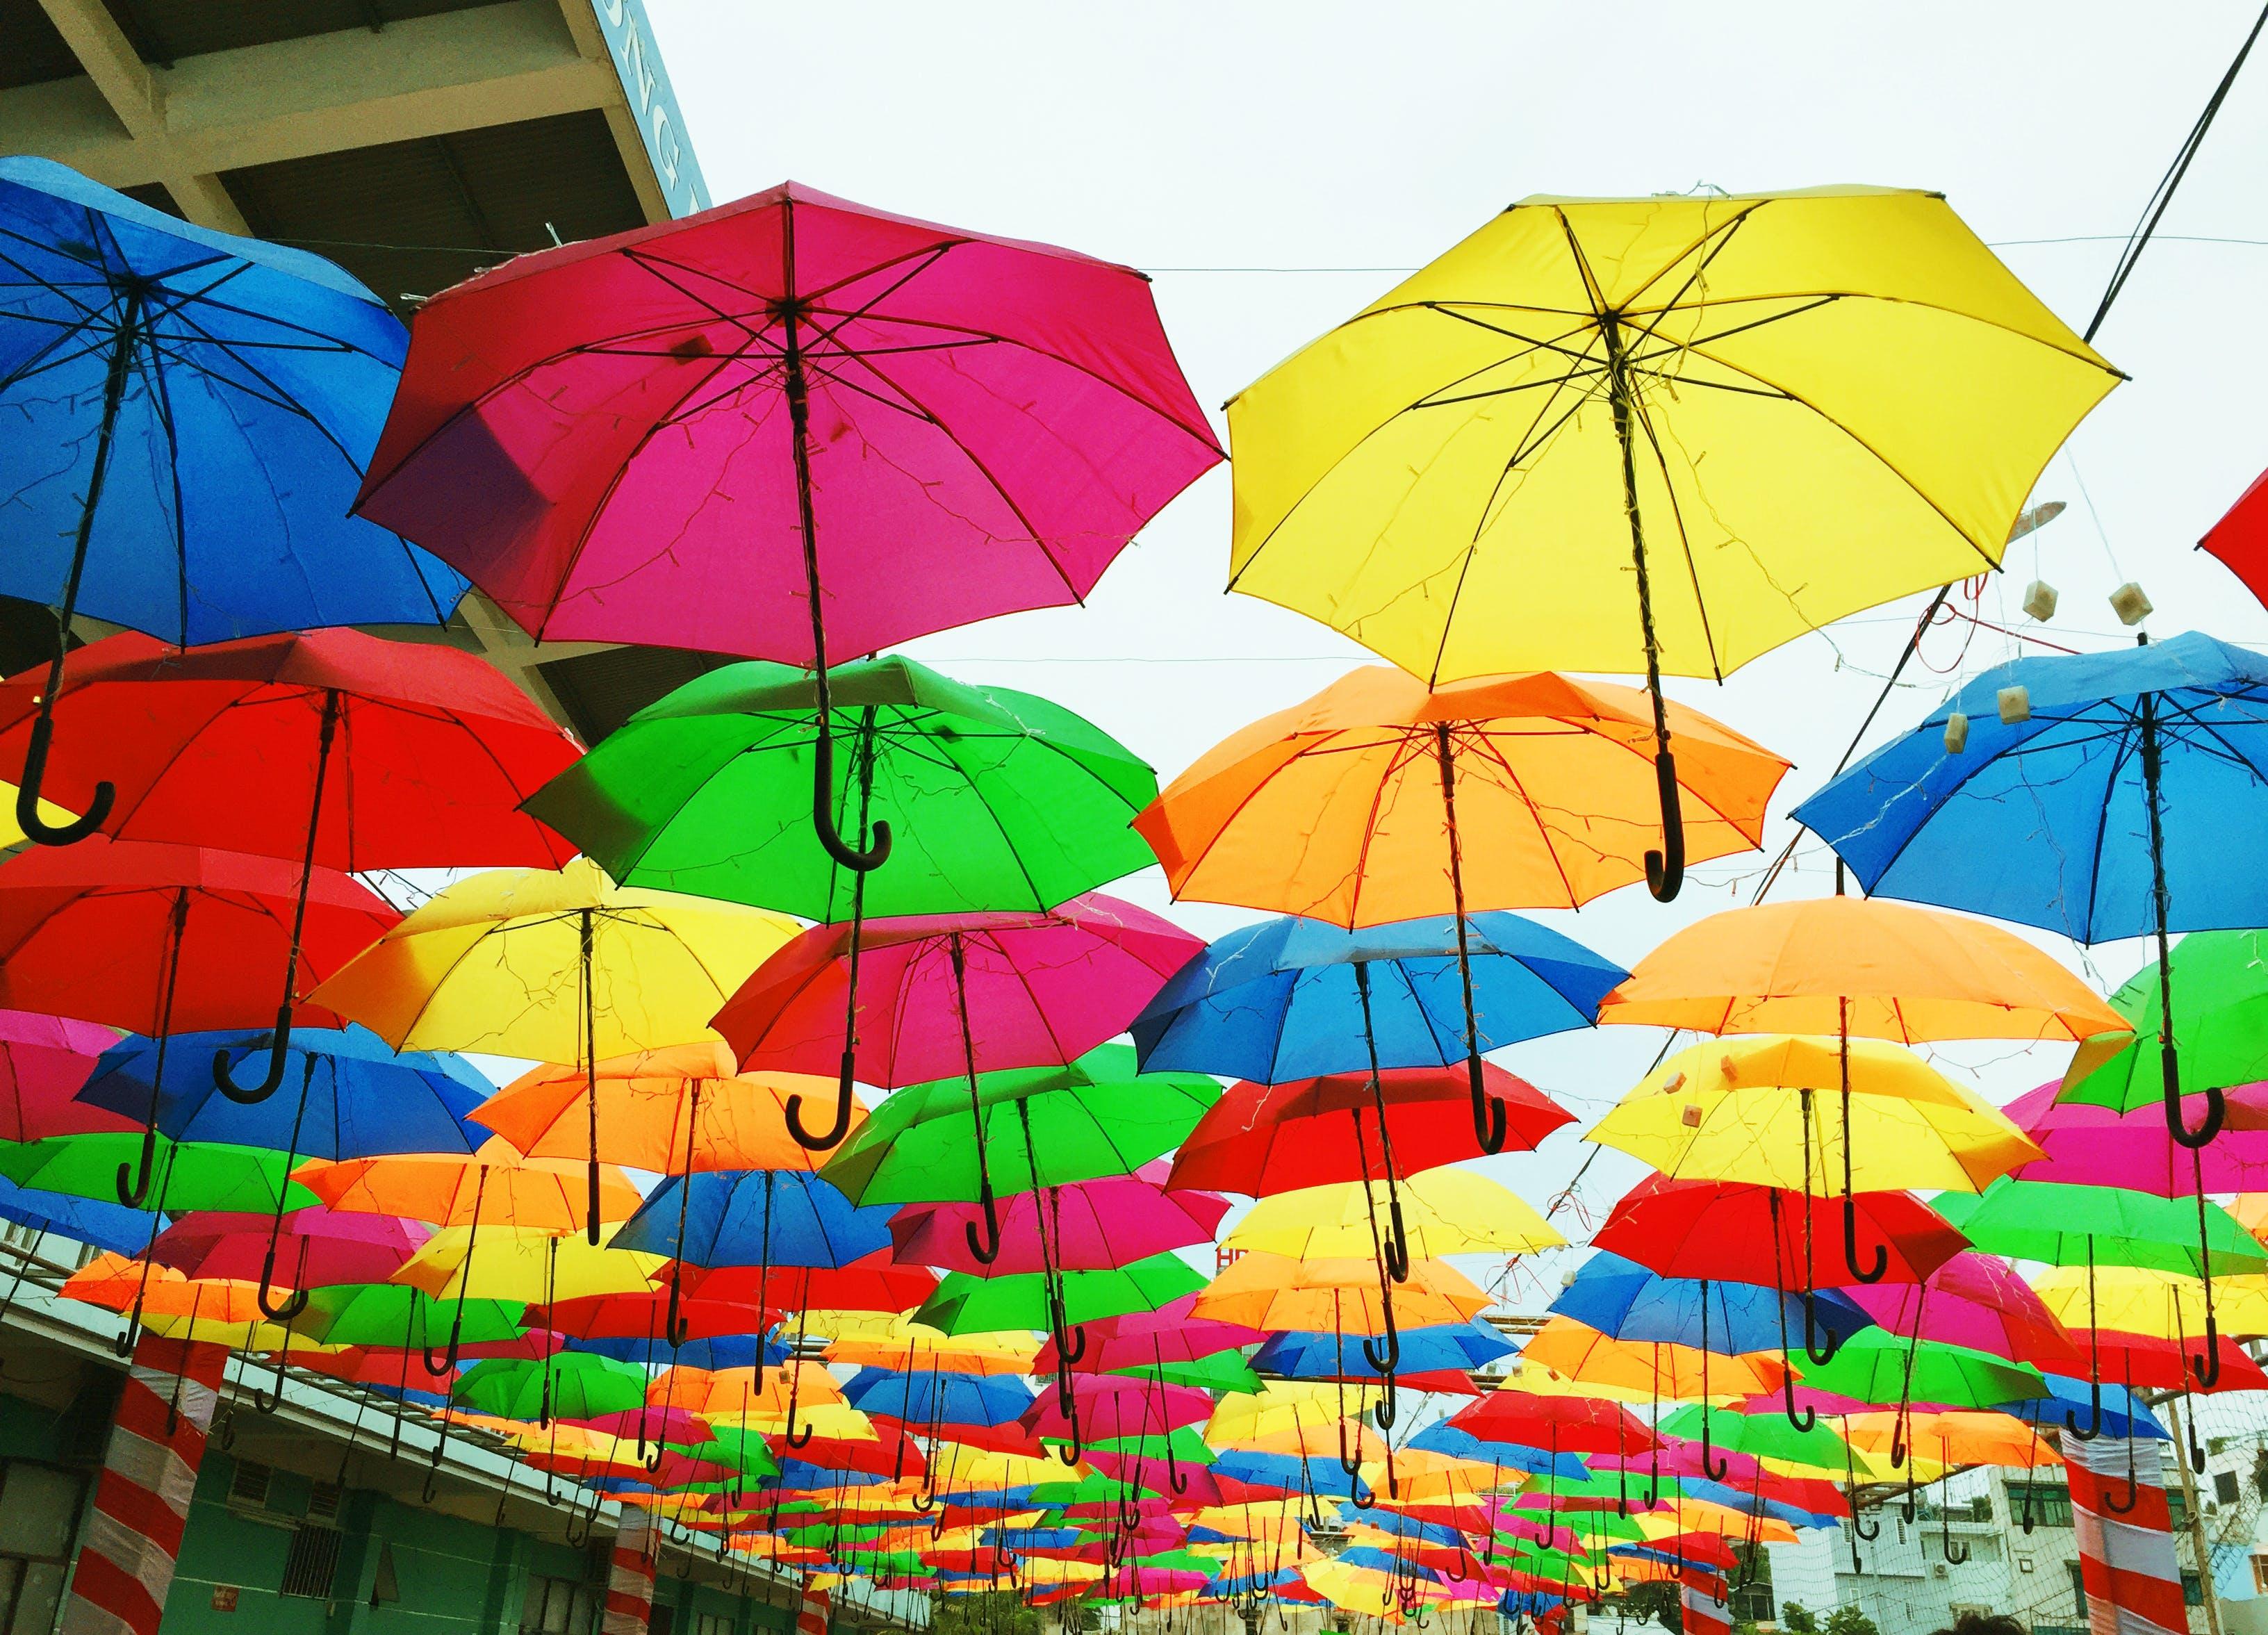 Δωρεάν στοκ φωτογραφιών με ομπρέλες, παλέτα χρωμάτων, πολύχρωμος